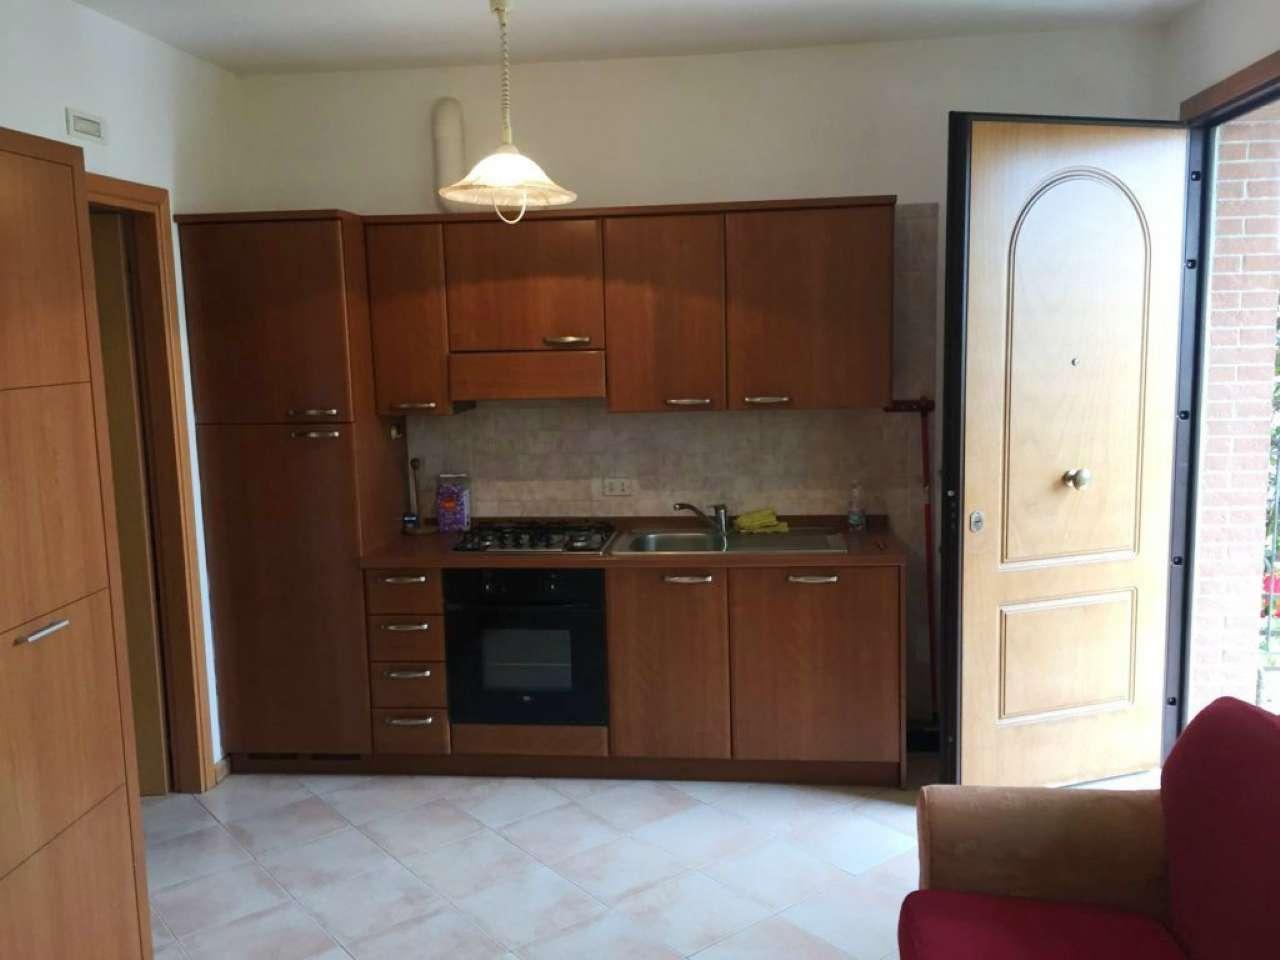 Appartamento in vendita a Rimini (RN)